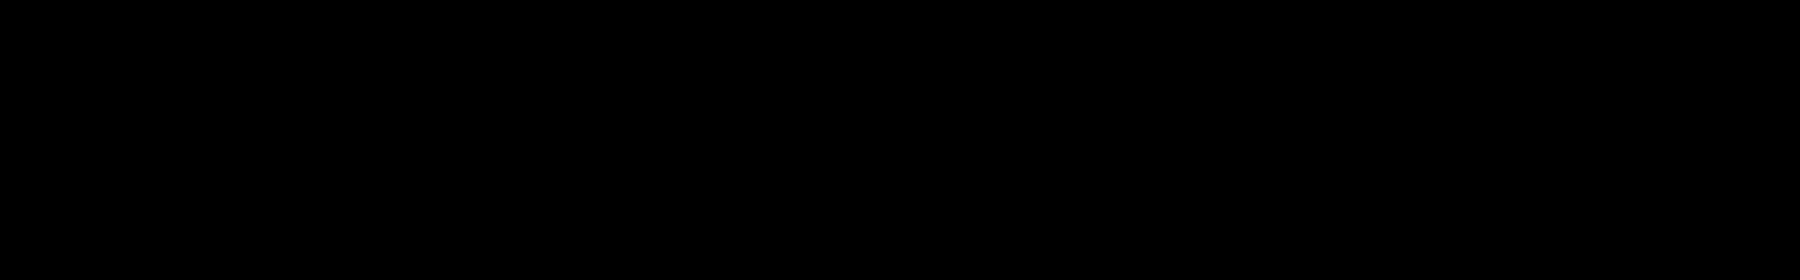 Drippin Sauce audio waveform